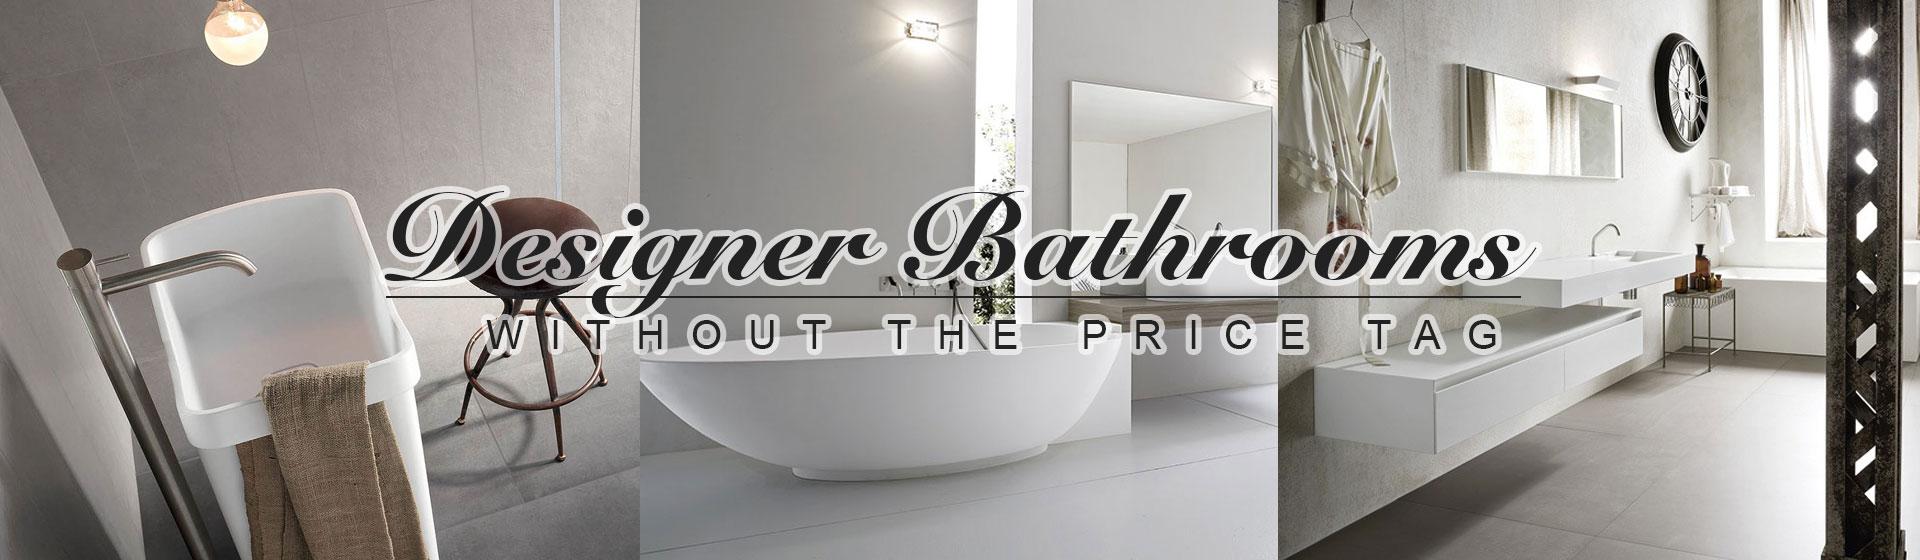 Premium Quality Kitchen Bathroom Supplies Bella Vista